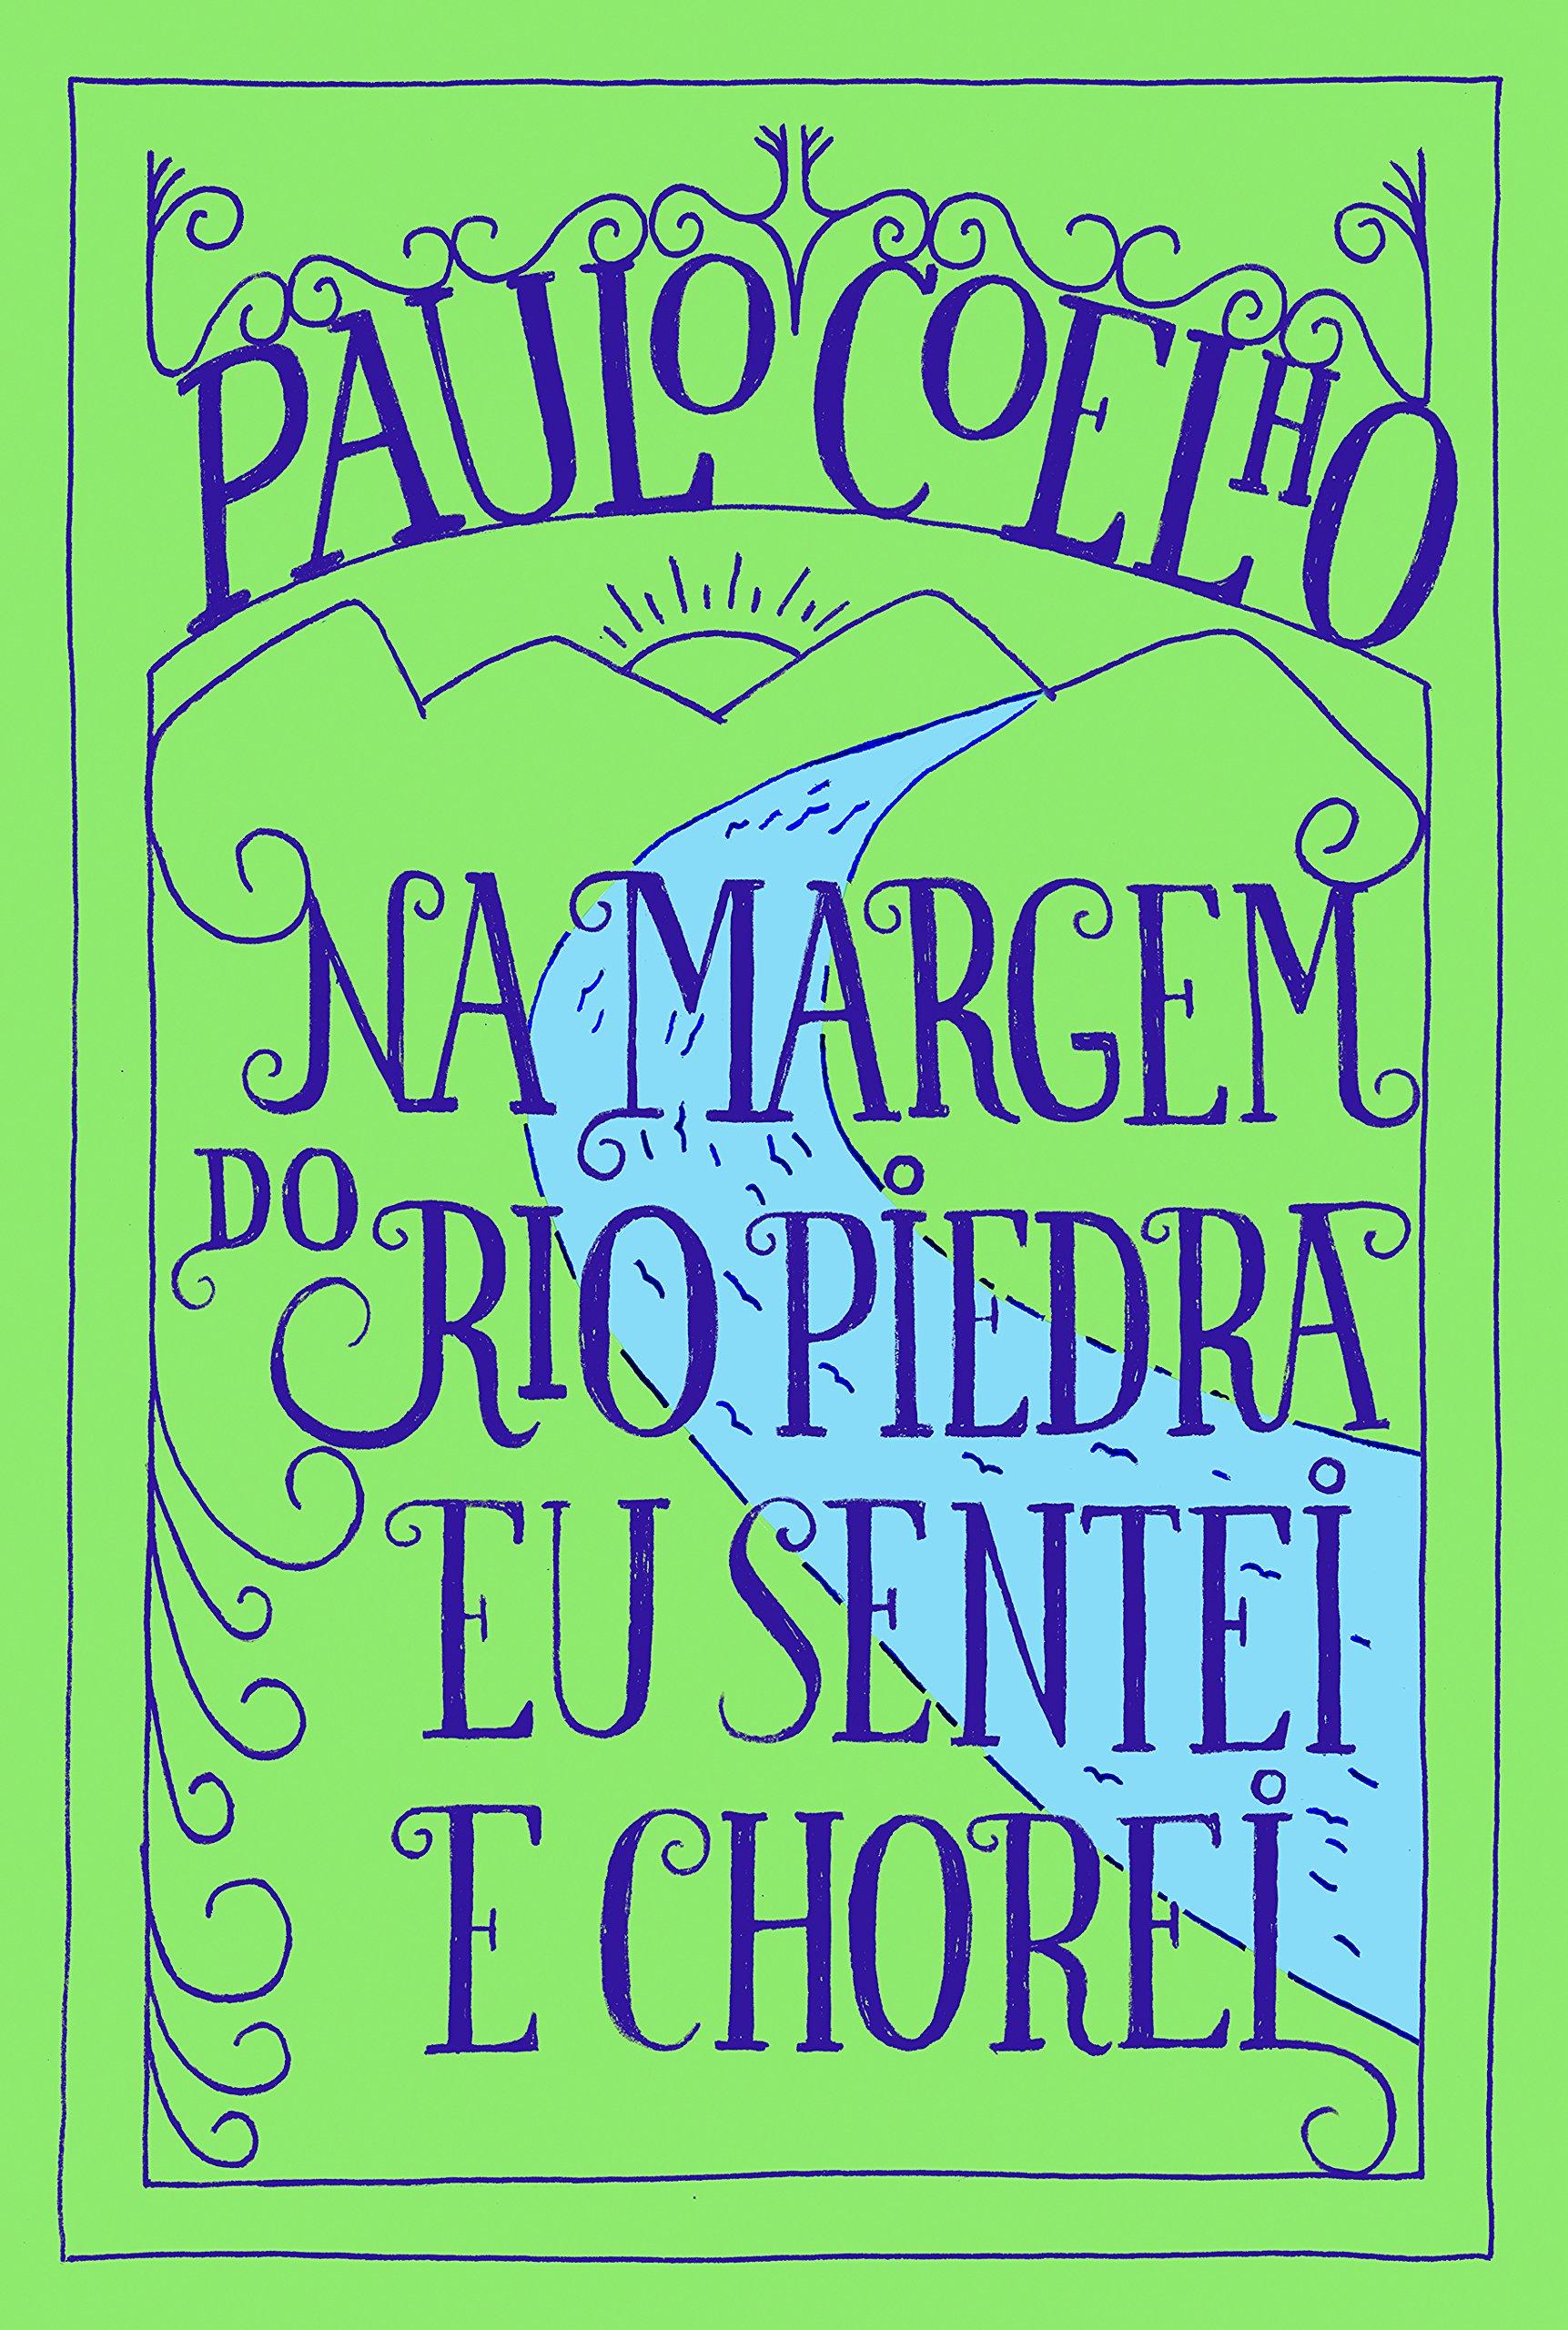 Livros: Página do Autor: Paulo Coelho na Amazon.com.br